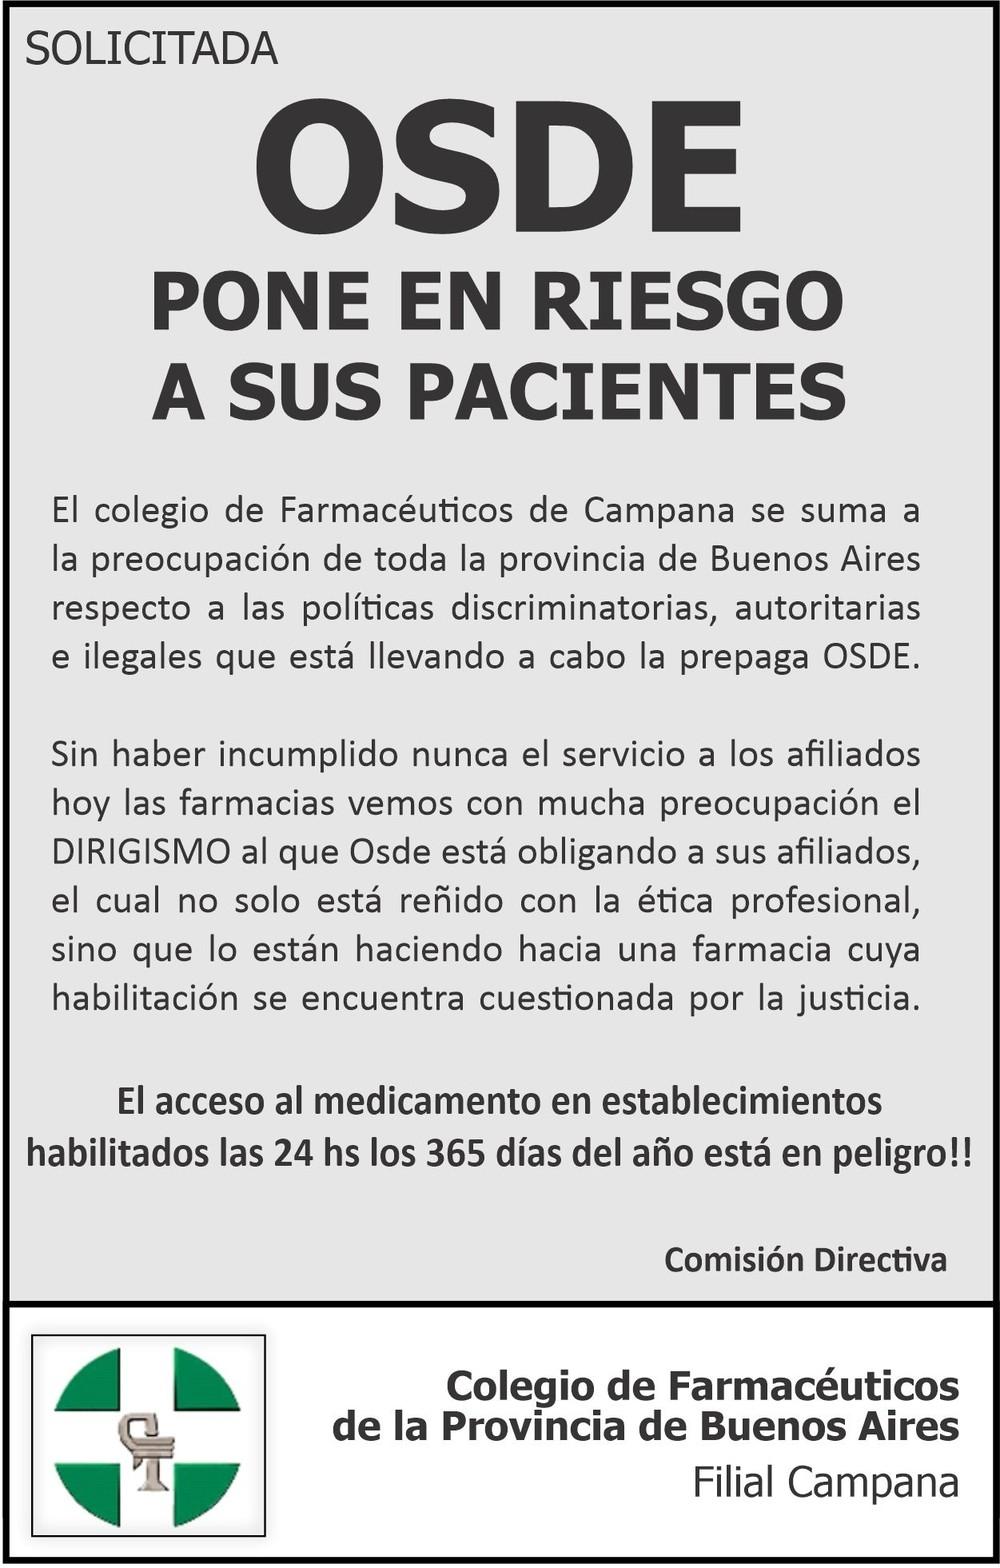 El Colegio de Farmacéuticos de Campana emitió un comunicado